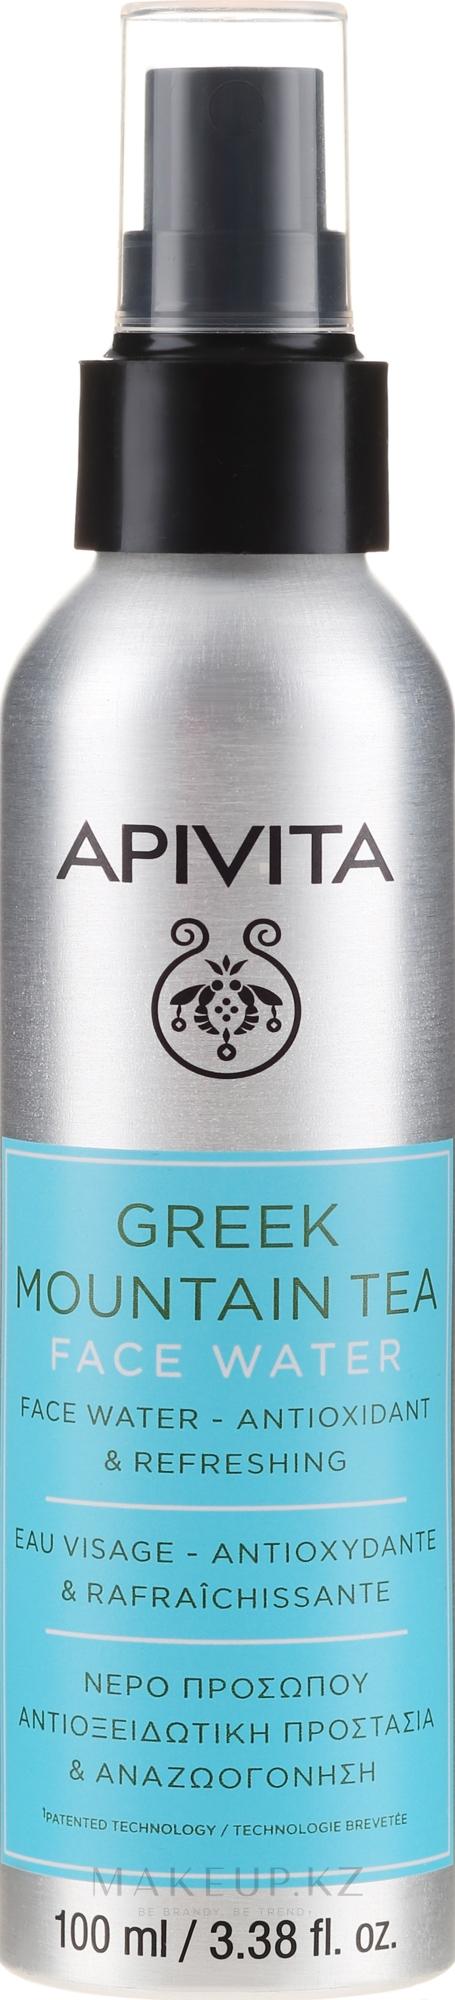 """Антиоксидантная и освежающая вода для лица """"Греческий горный чай"""" - Apivita Greek Mountain Tea Face Water — фото 100 ml"""